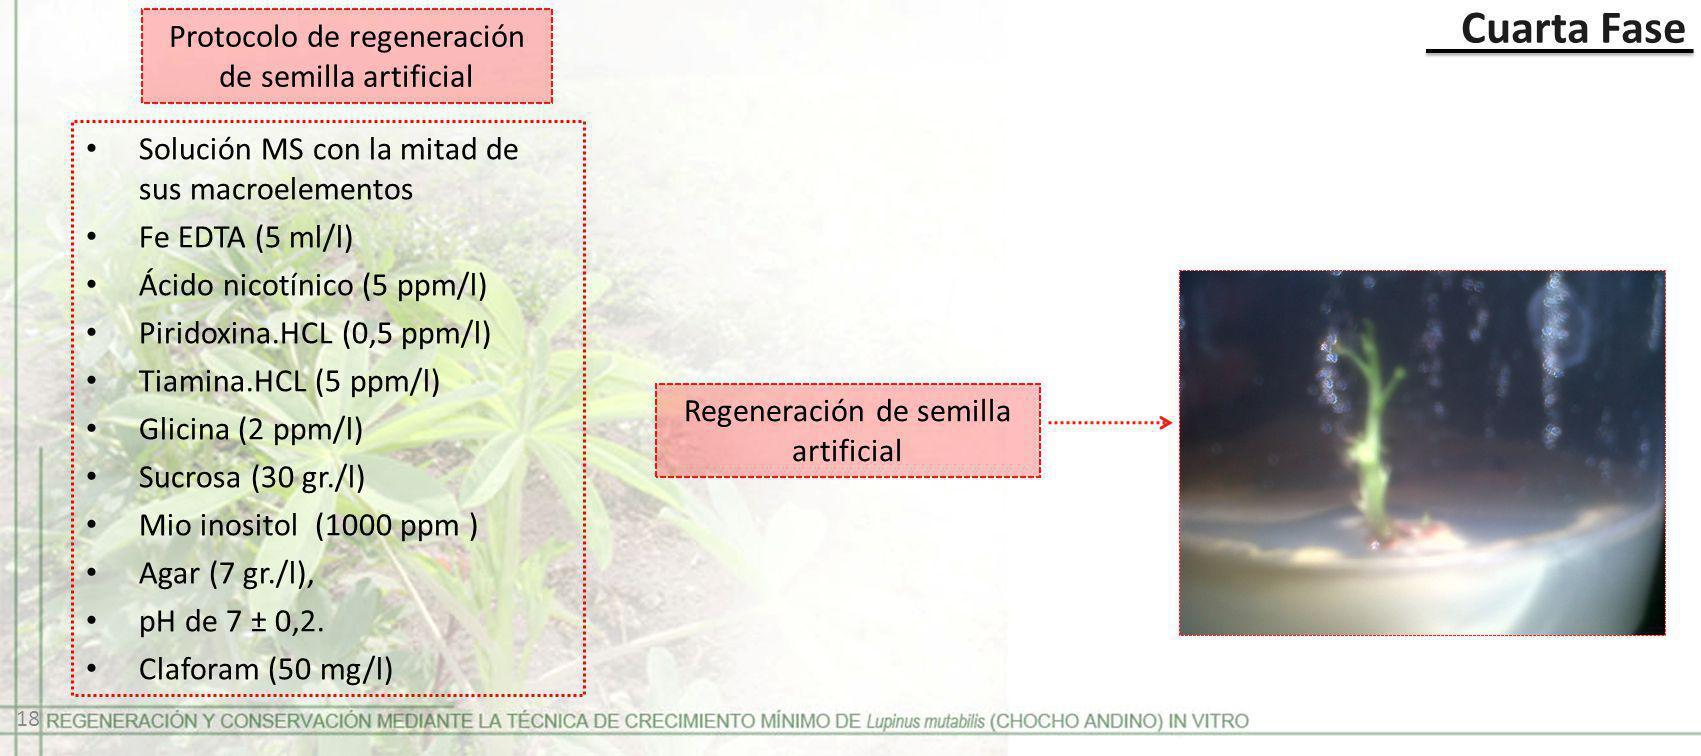 Protocolo de regeneración de semilla artificial